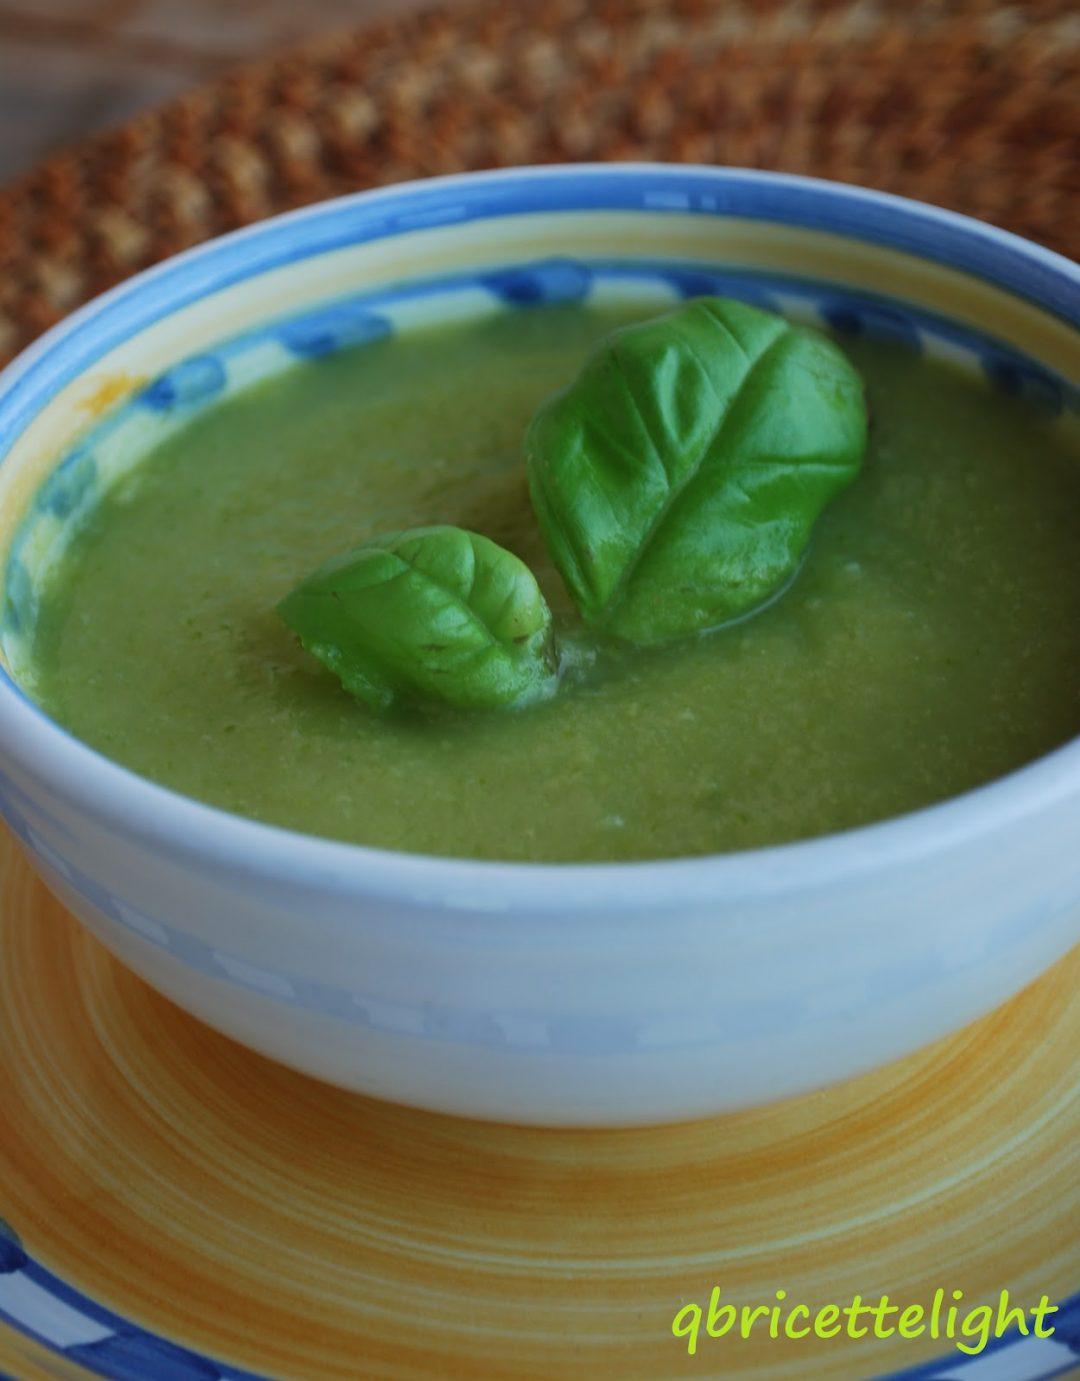 crema fredda di zucchine e basilico